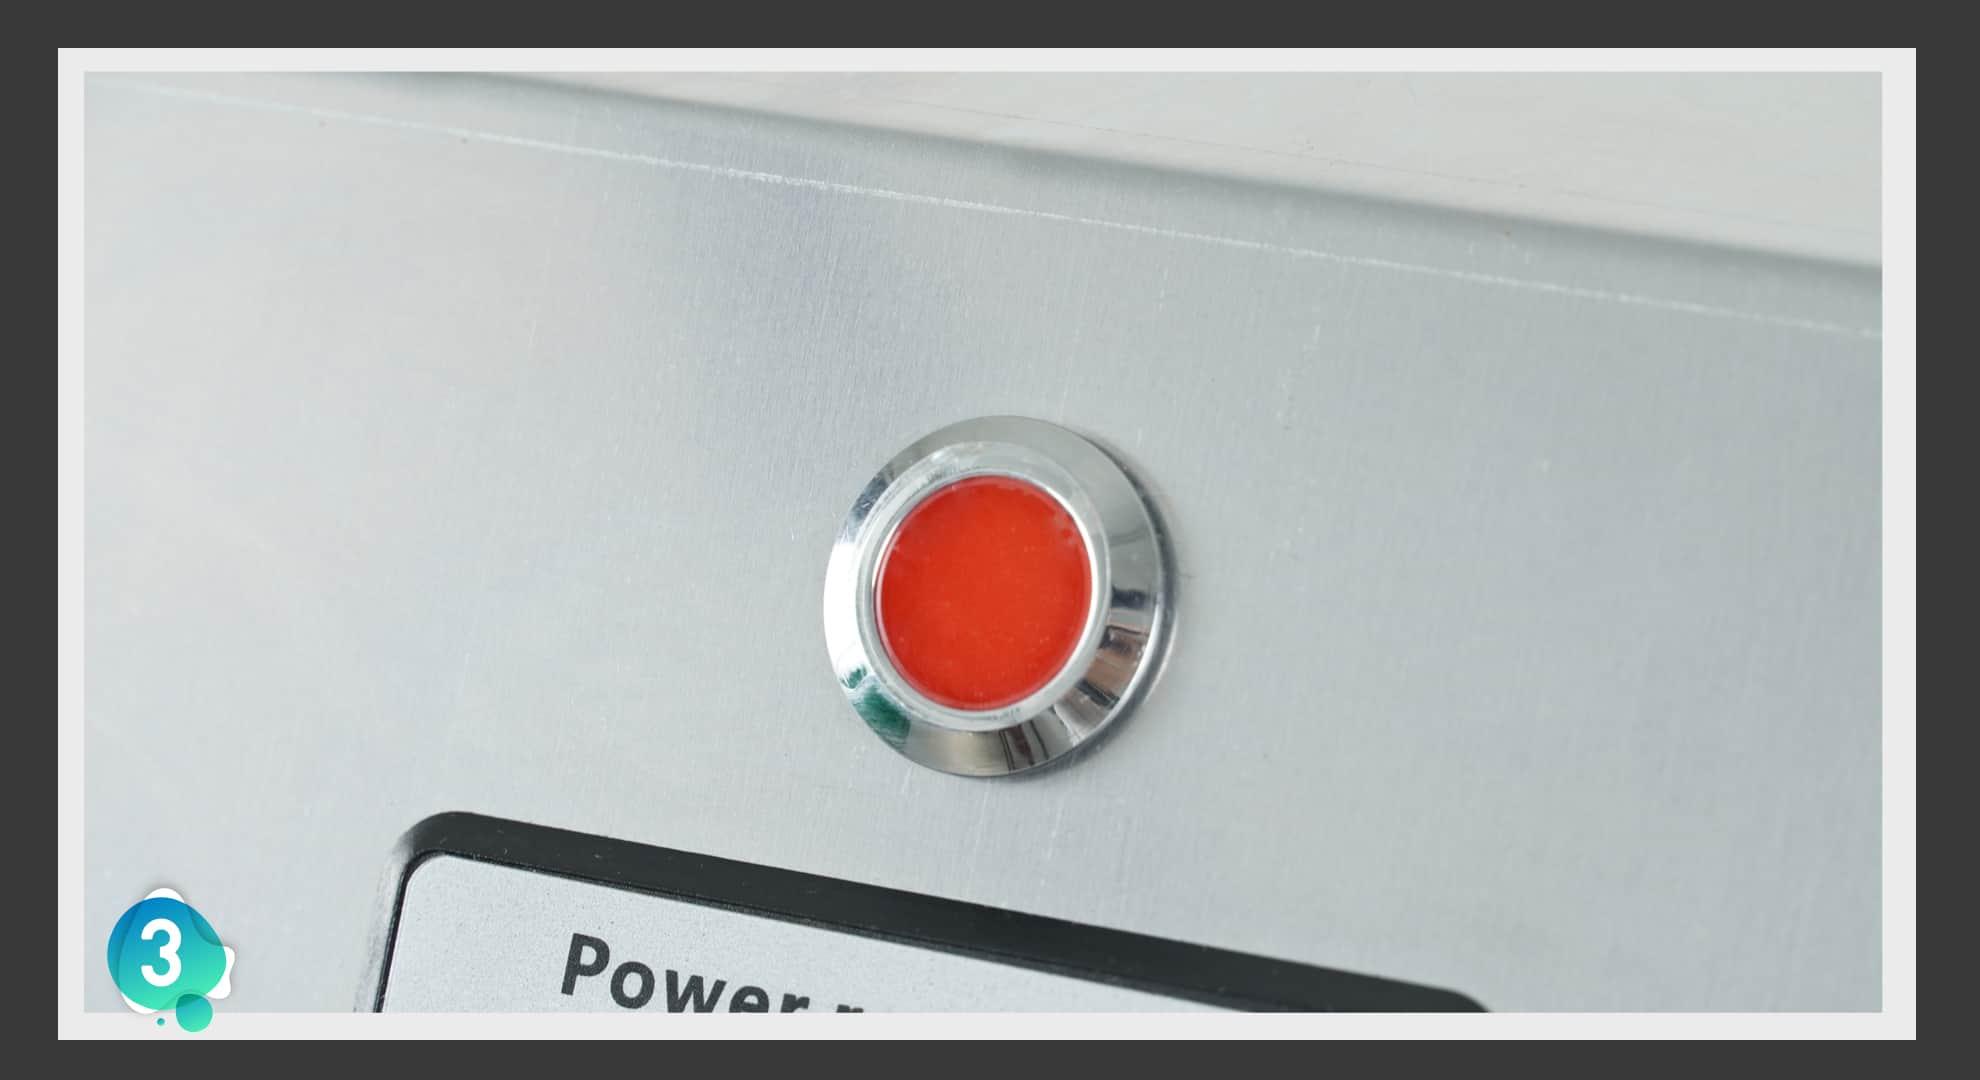 เตาปิ้งไฟฟ้า-GM-IE-ขั้นตอน3